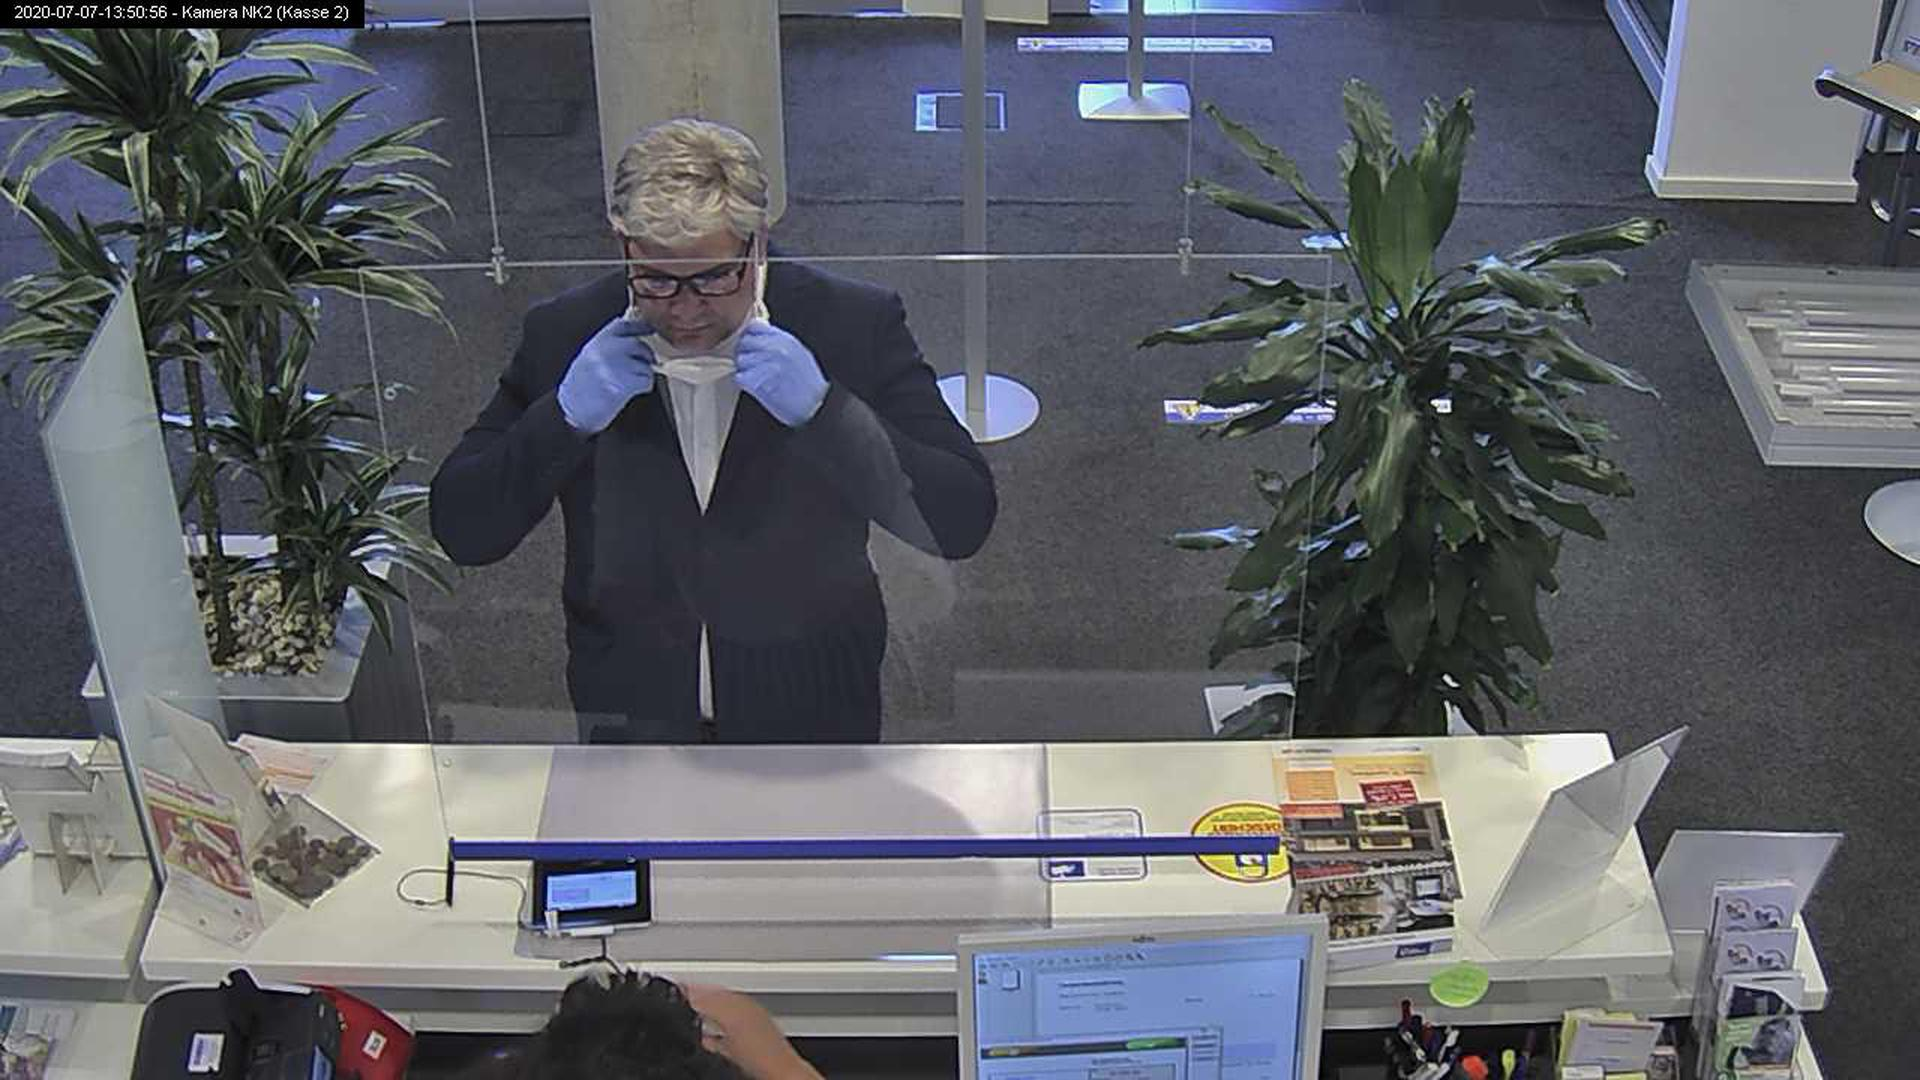 Betrug: Per Fernsehfahndung sucht die Polizei nach diesem Mann. Er hatte im vergangenen Sommer mit falschen Papieren 80.000 Euro in bar von einem fremden Bankkonto abgehoben.